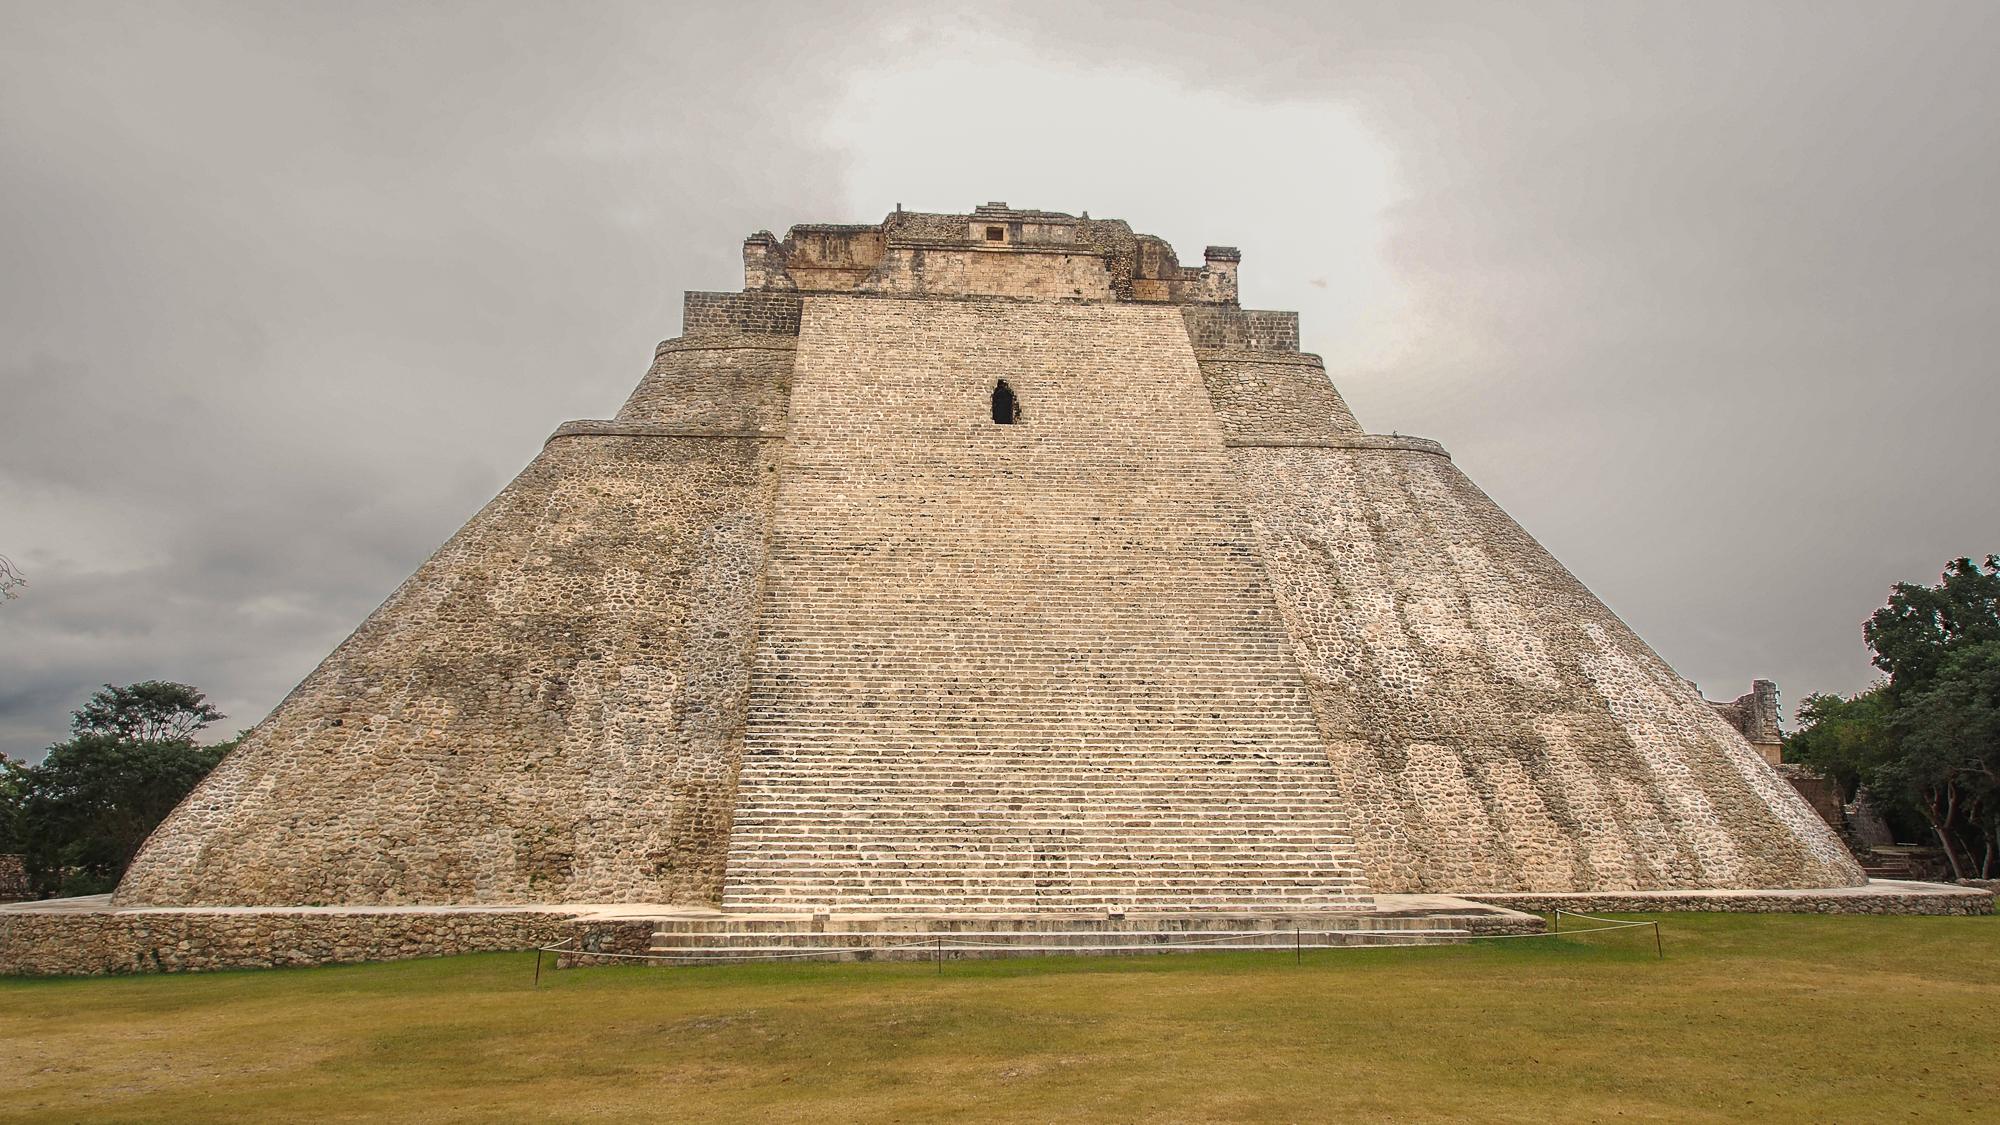 Uxmal, pirámide del adivino, Mexico